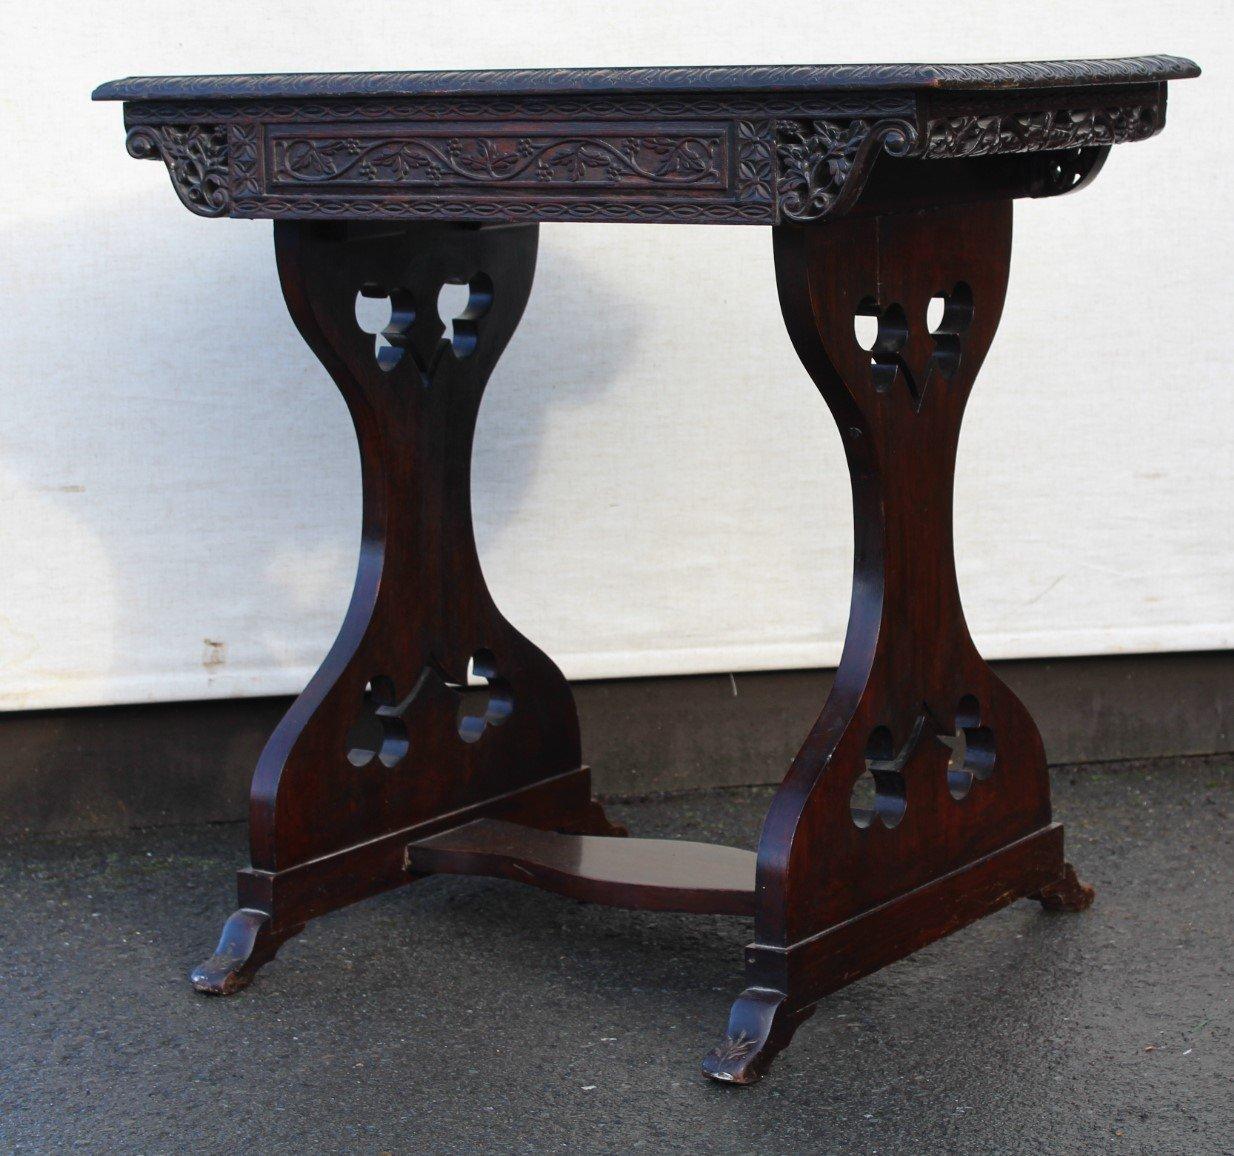 Tisch mit schublade aus padouk holz 1905 bei pamono kaufen for Tisch mit schublade